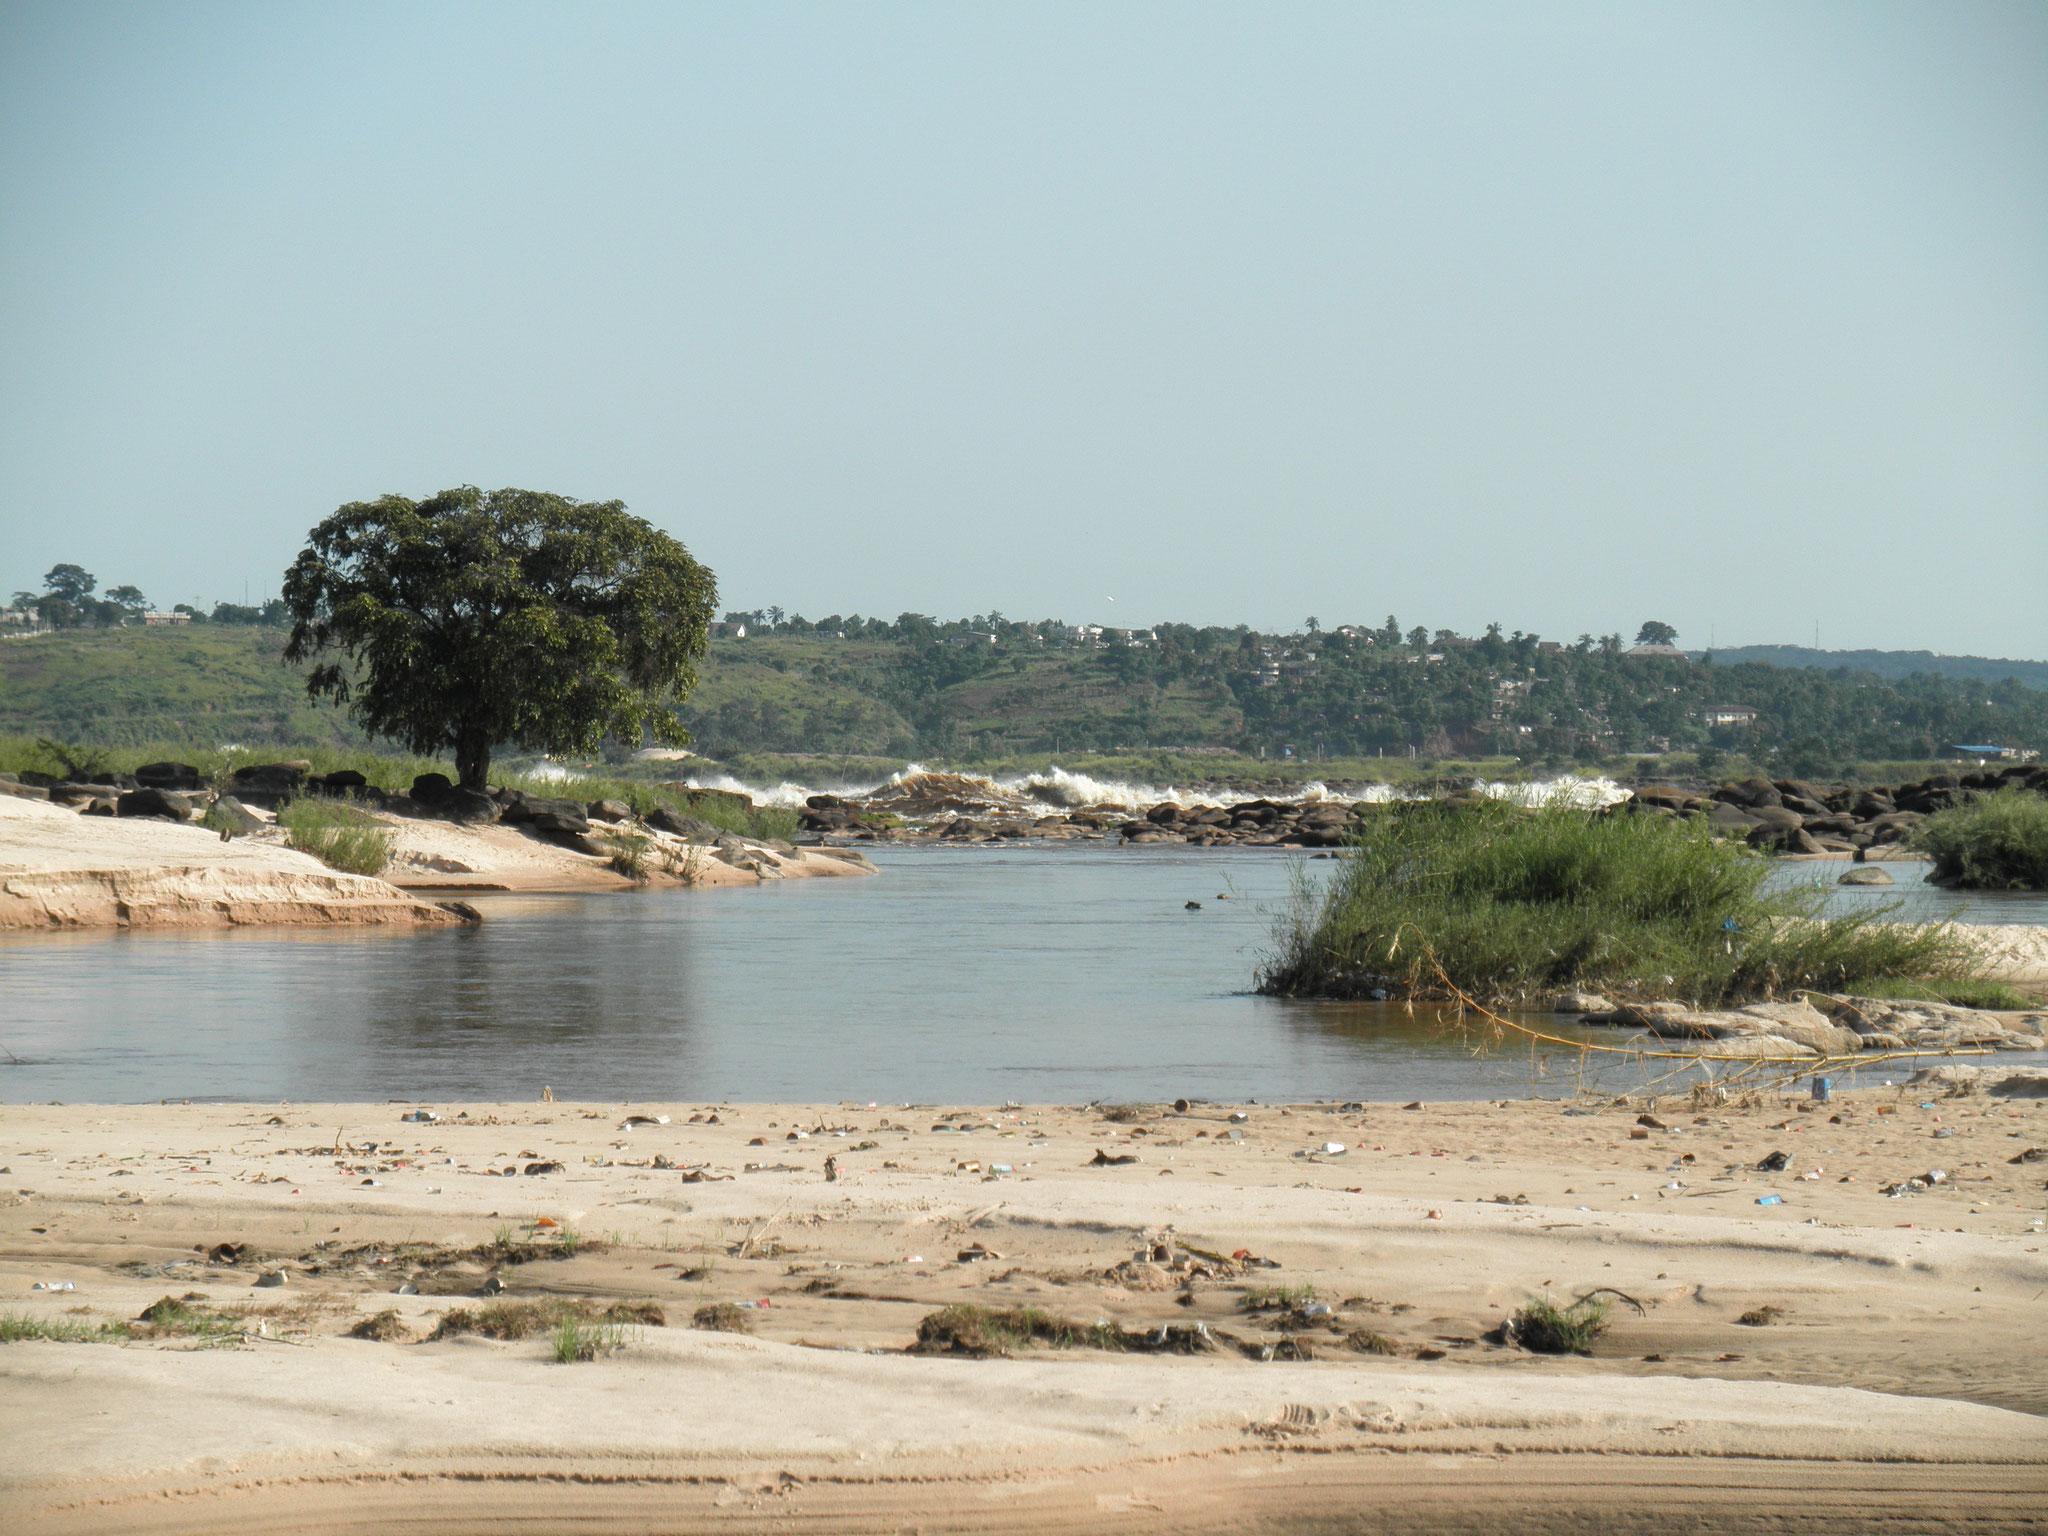 Plage sur le fleuve Congo